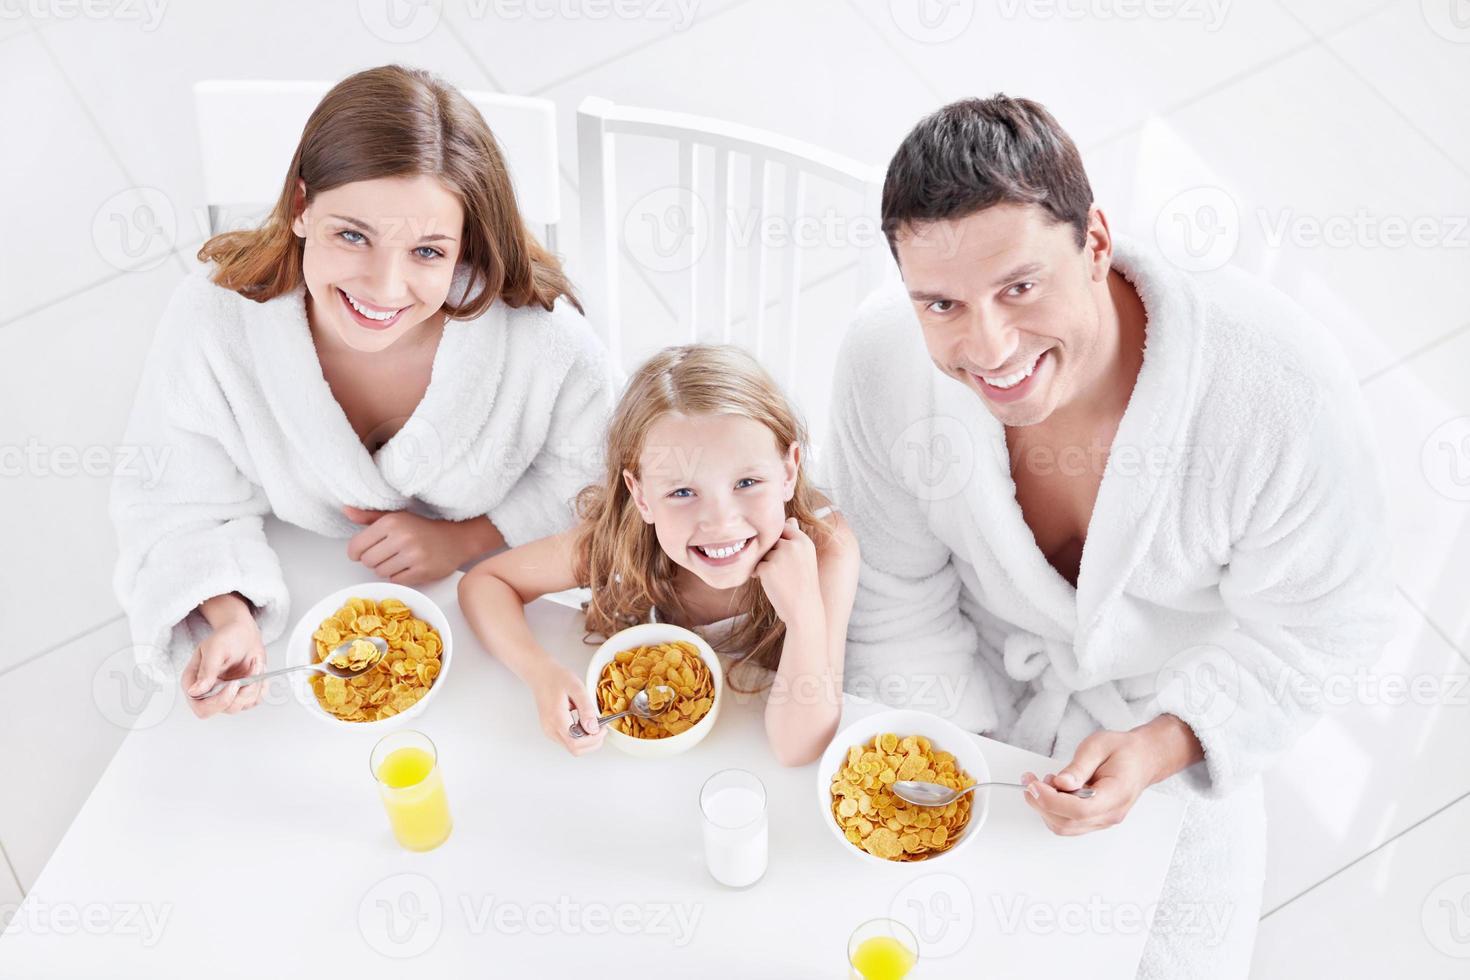 família com criança foto